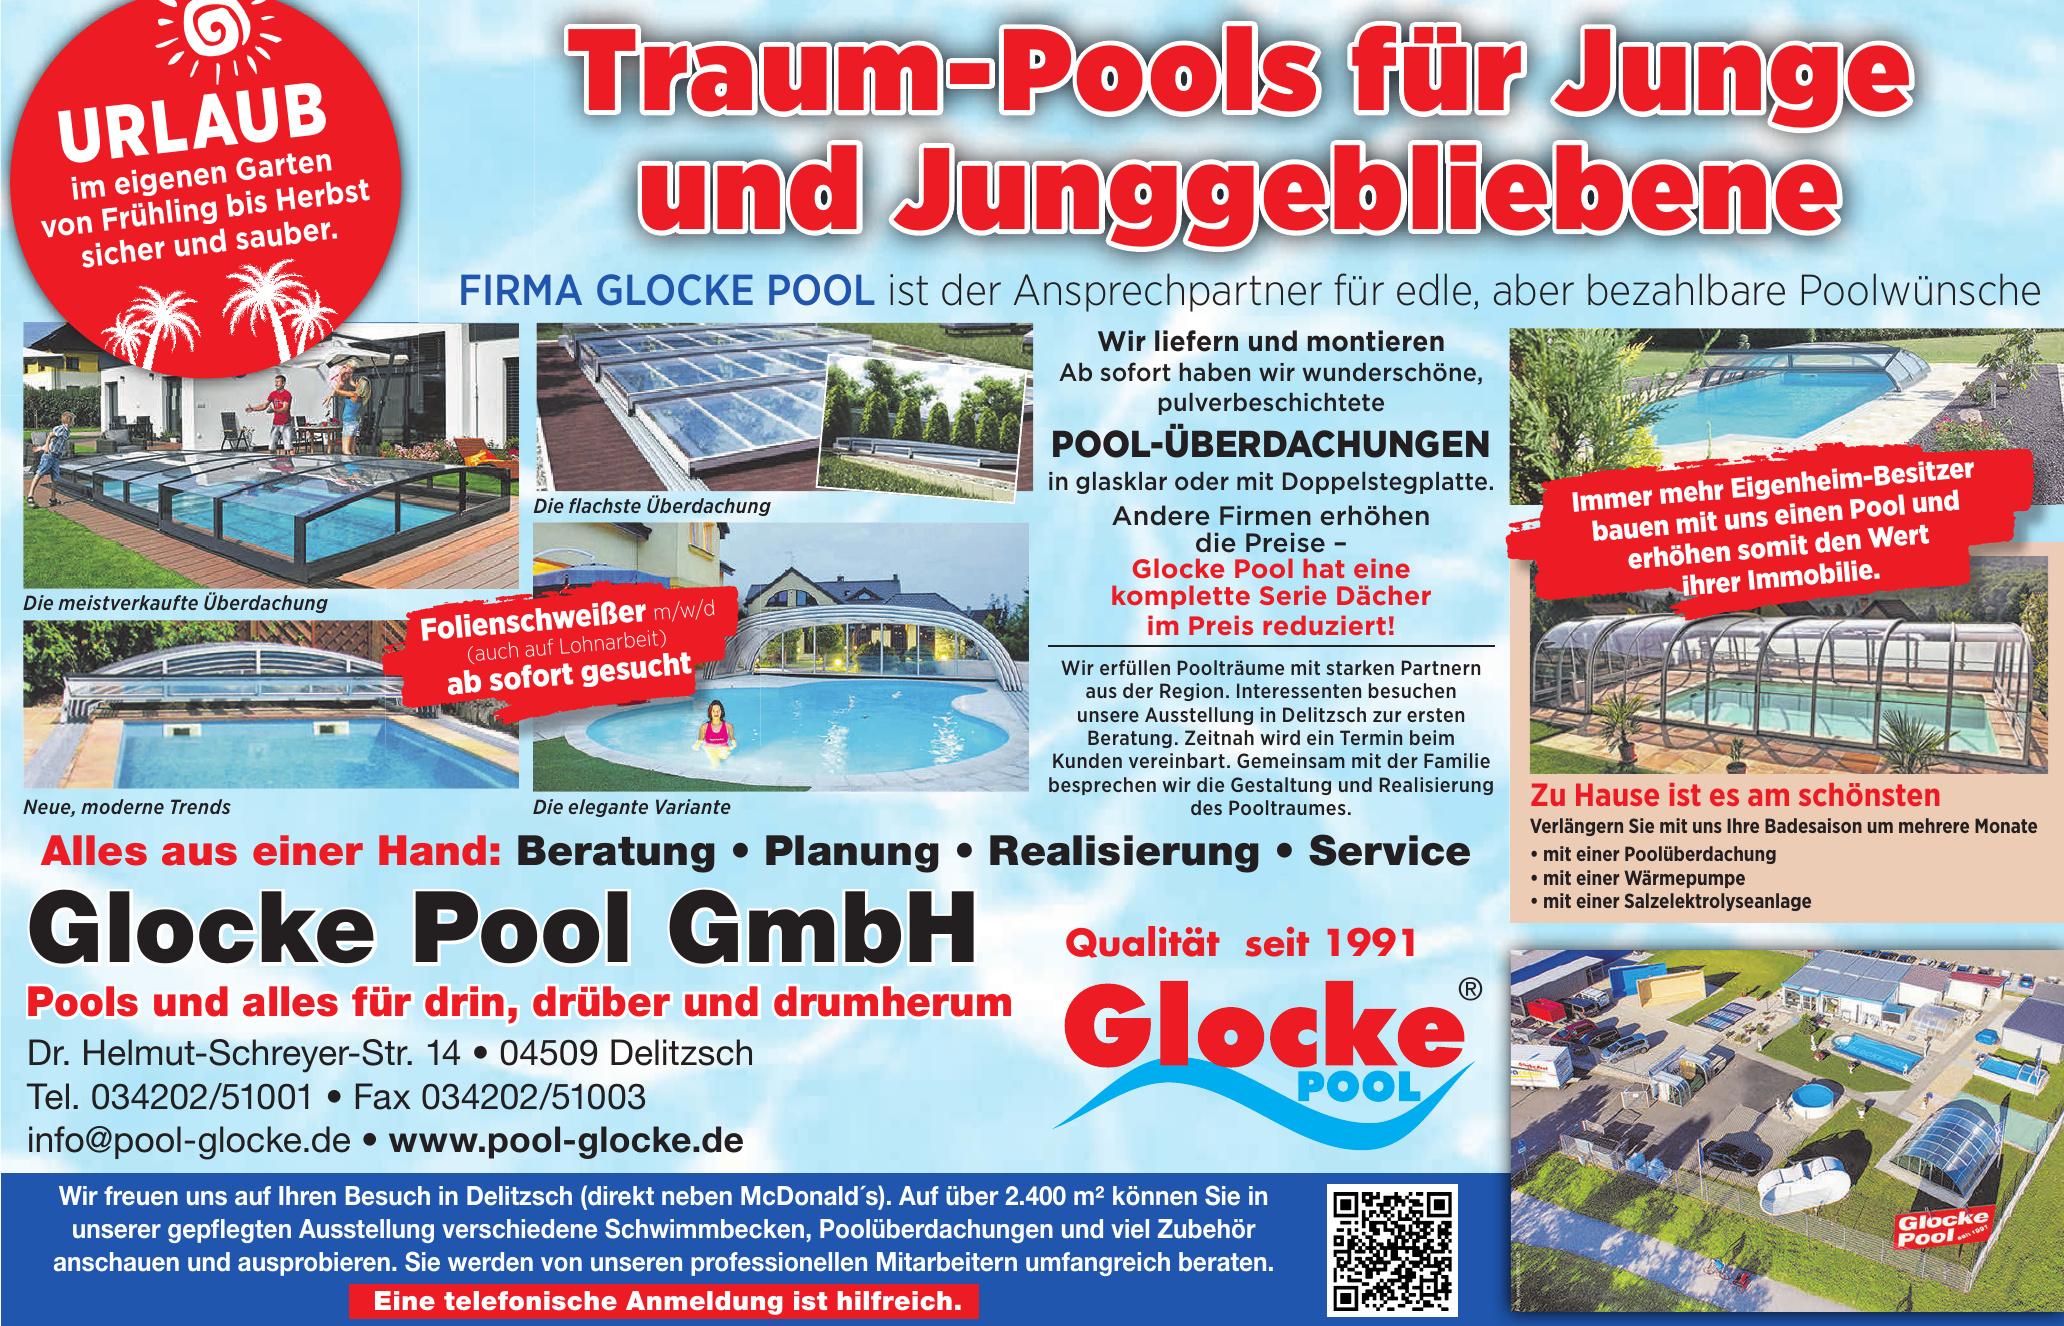 Glocke Pool GmbH